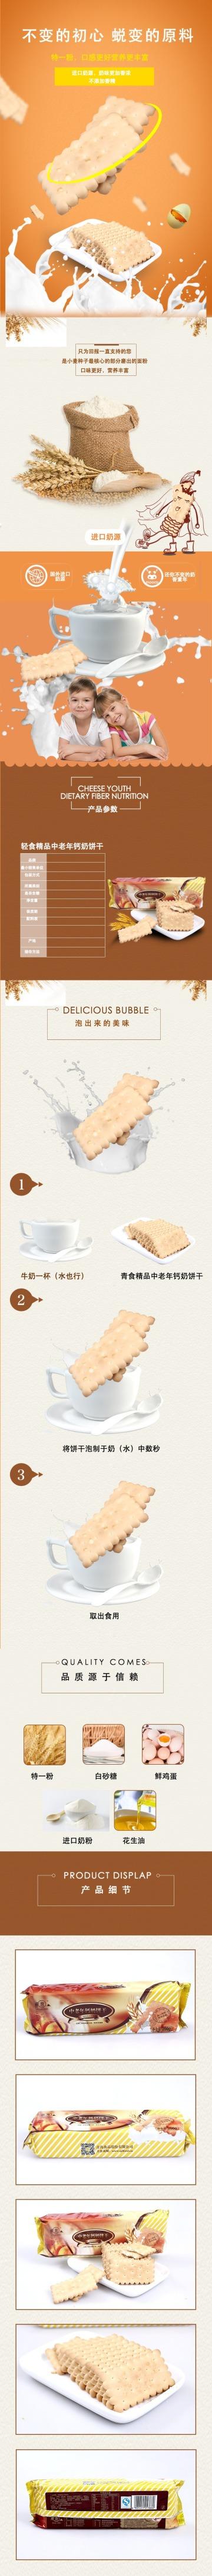 简约清新饼干零食电商详情图